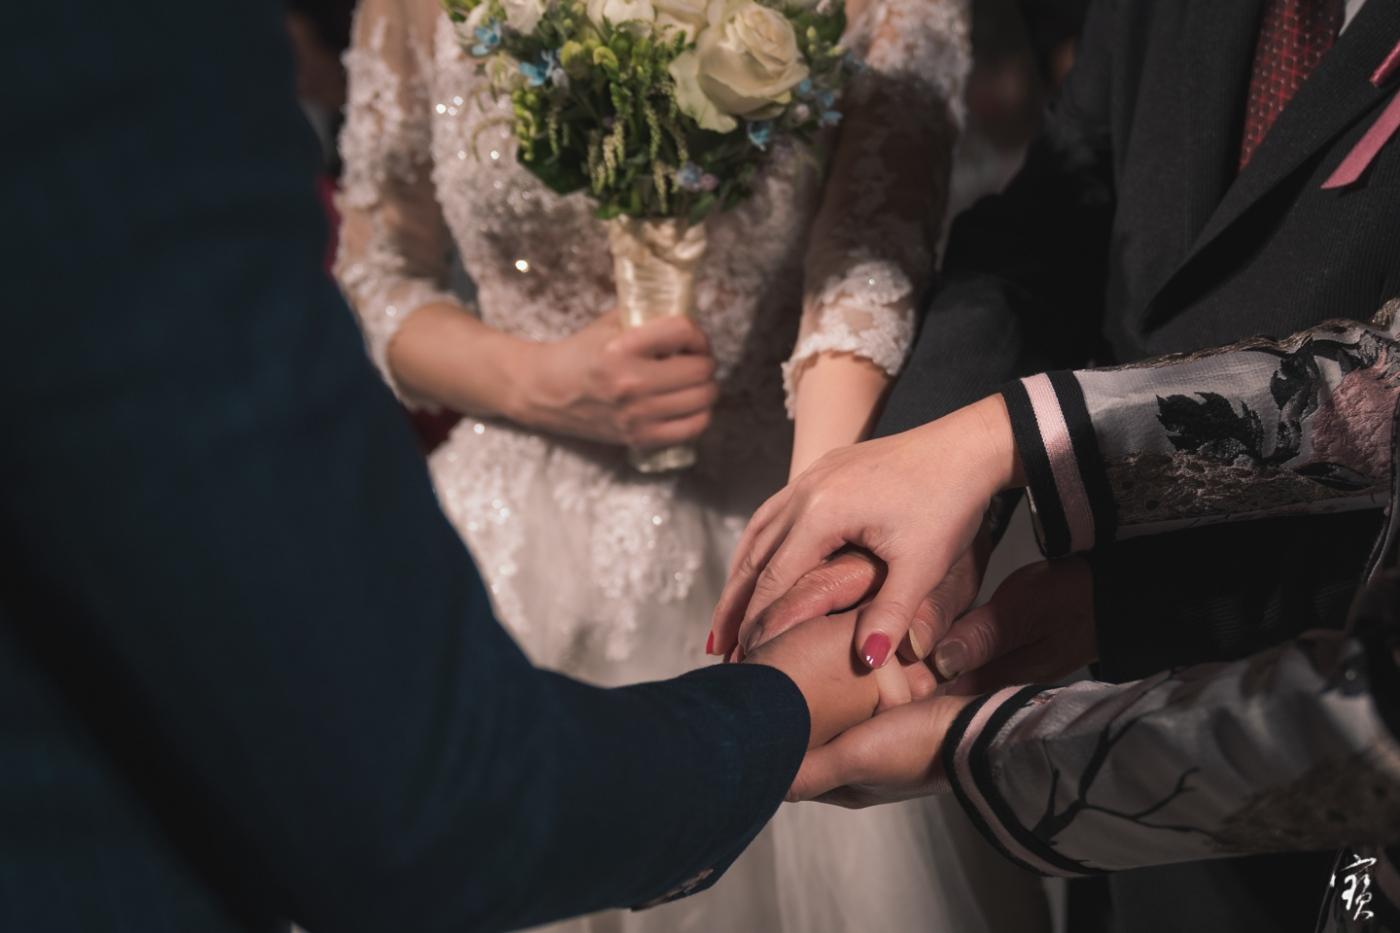 婚禮攝影 婚紗 大直 典華 冬半影像 攝影師大寶 北部攝影 台北攝影 桃園攝影 新竹攝影20181208-332